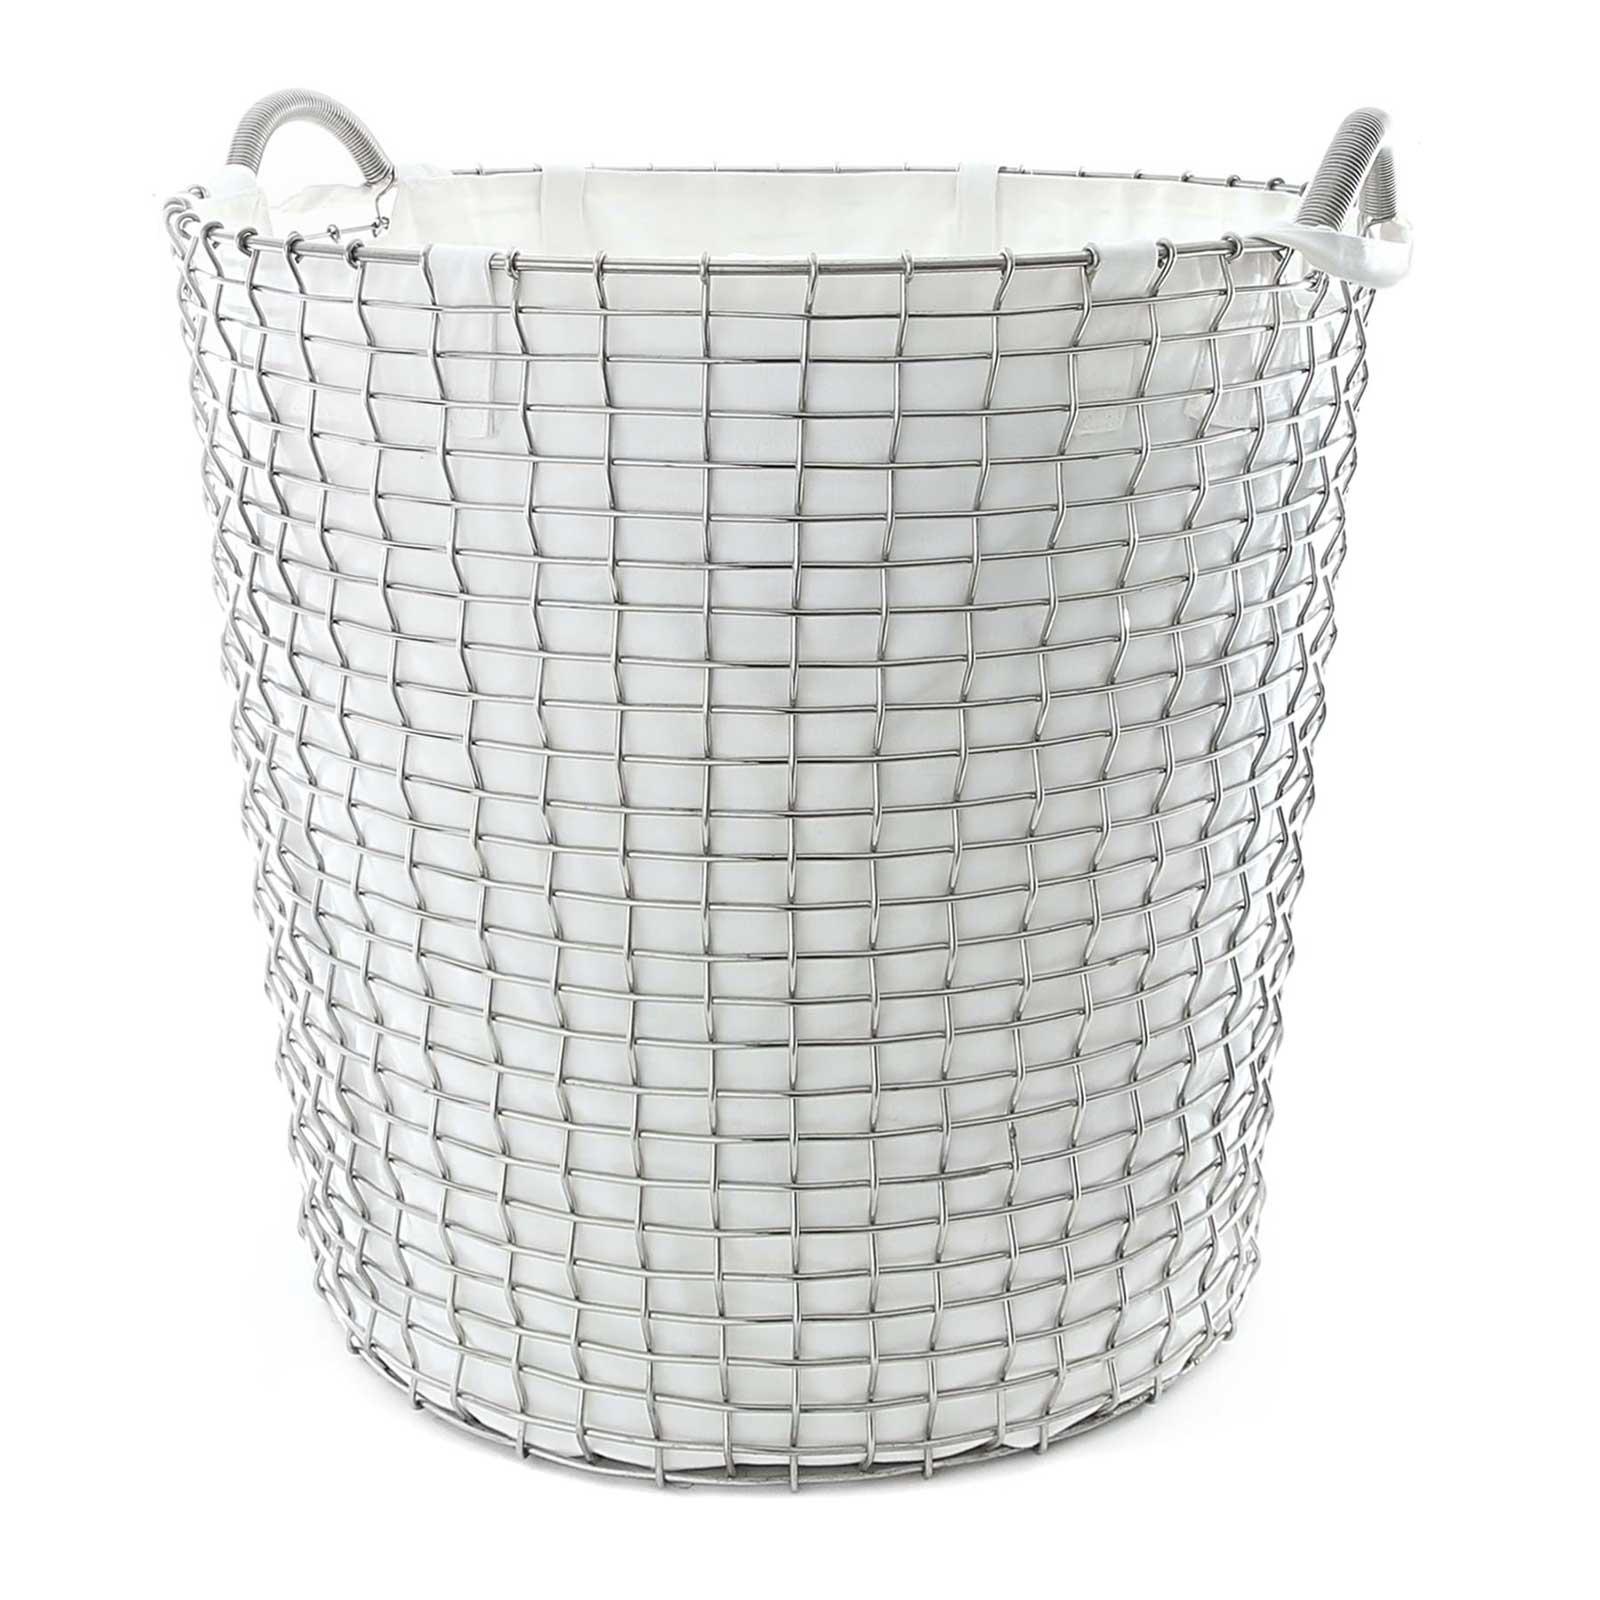 Tvättsäck, flera varianter - Korbo